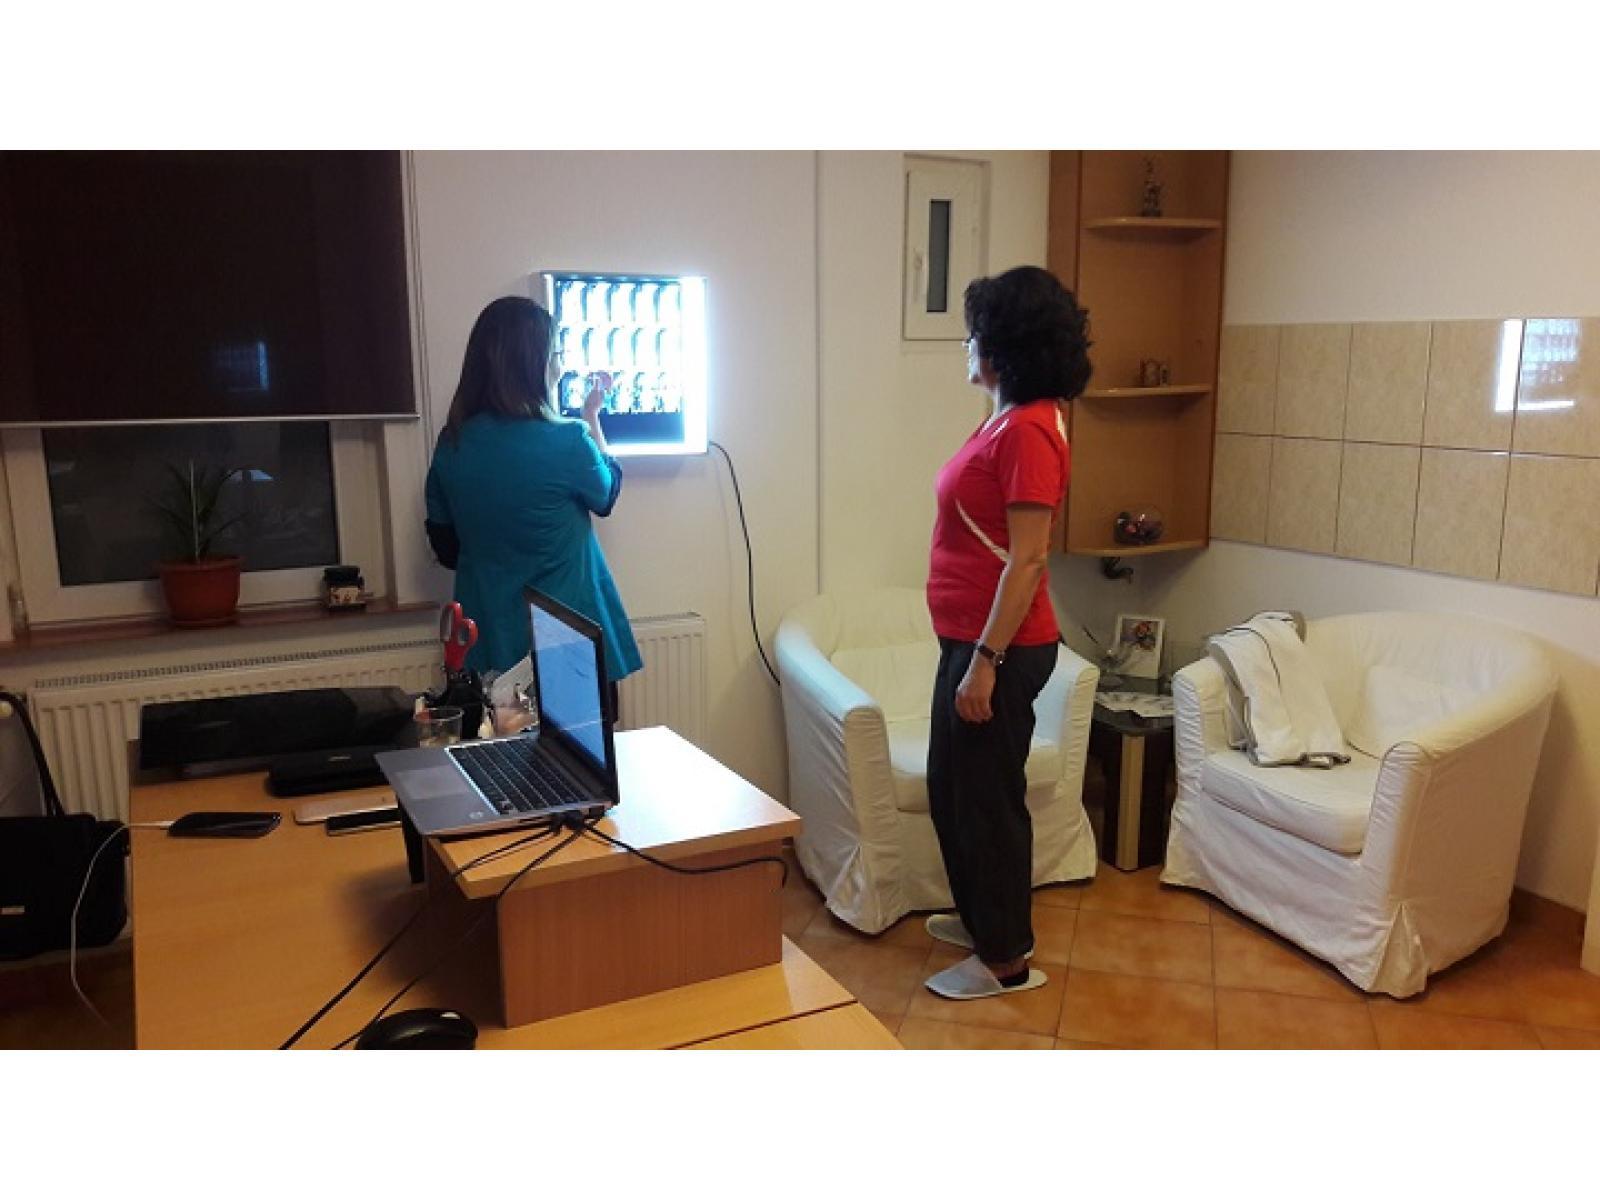 LITherapy - Consultație_&_Recomandare_Tratament_-_Discuția_Preliminară.jpg